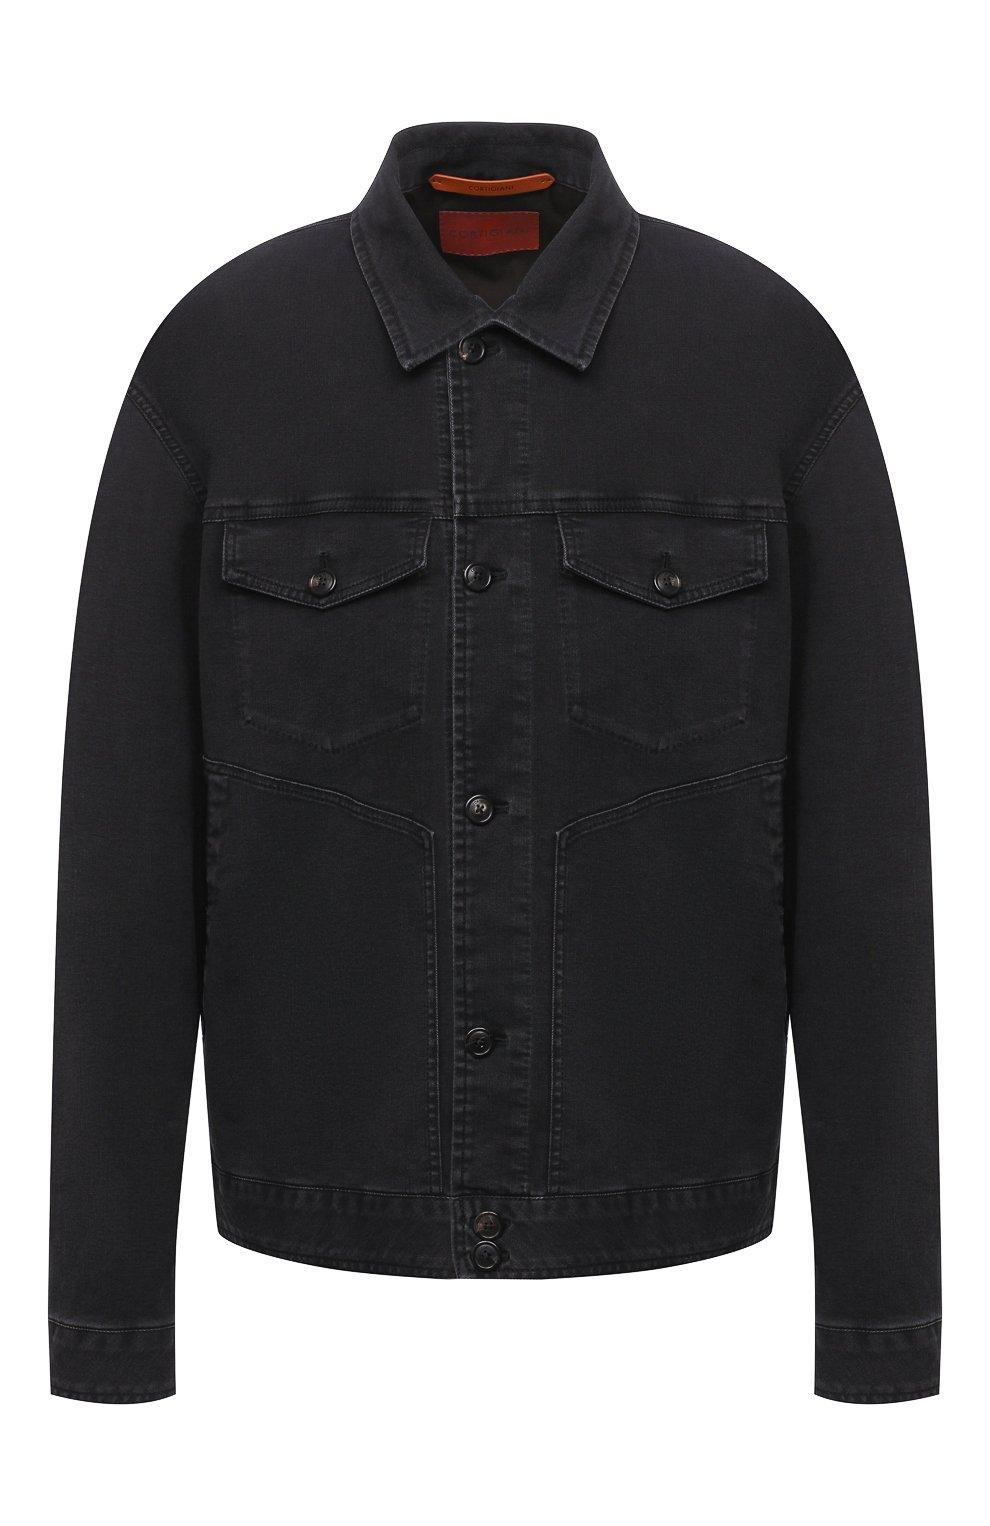 Мужская джинсовая куртка CORTIGIANI темно-серого цвета, арт. 918500/0070/6190/60-70 | Фото 1